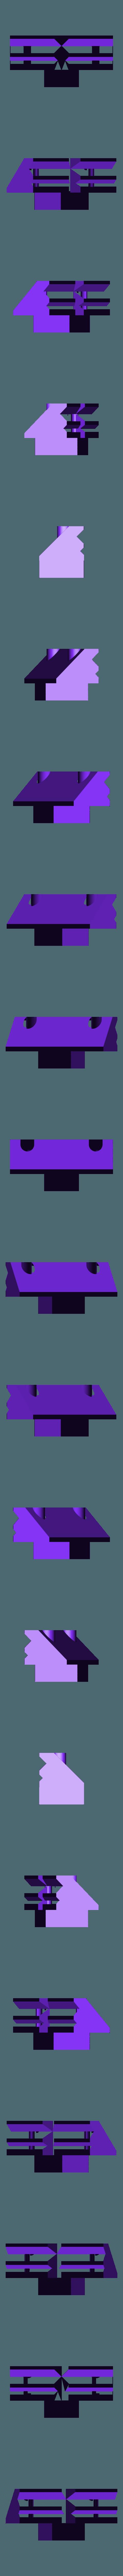 moving_end.stl Download free STL file PCB Vise – Soldering Station • 3D printing model, Job